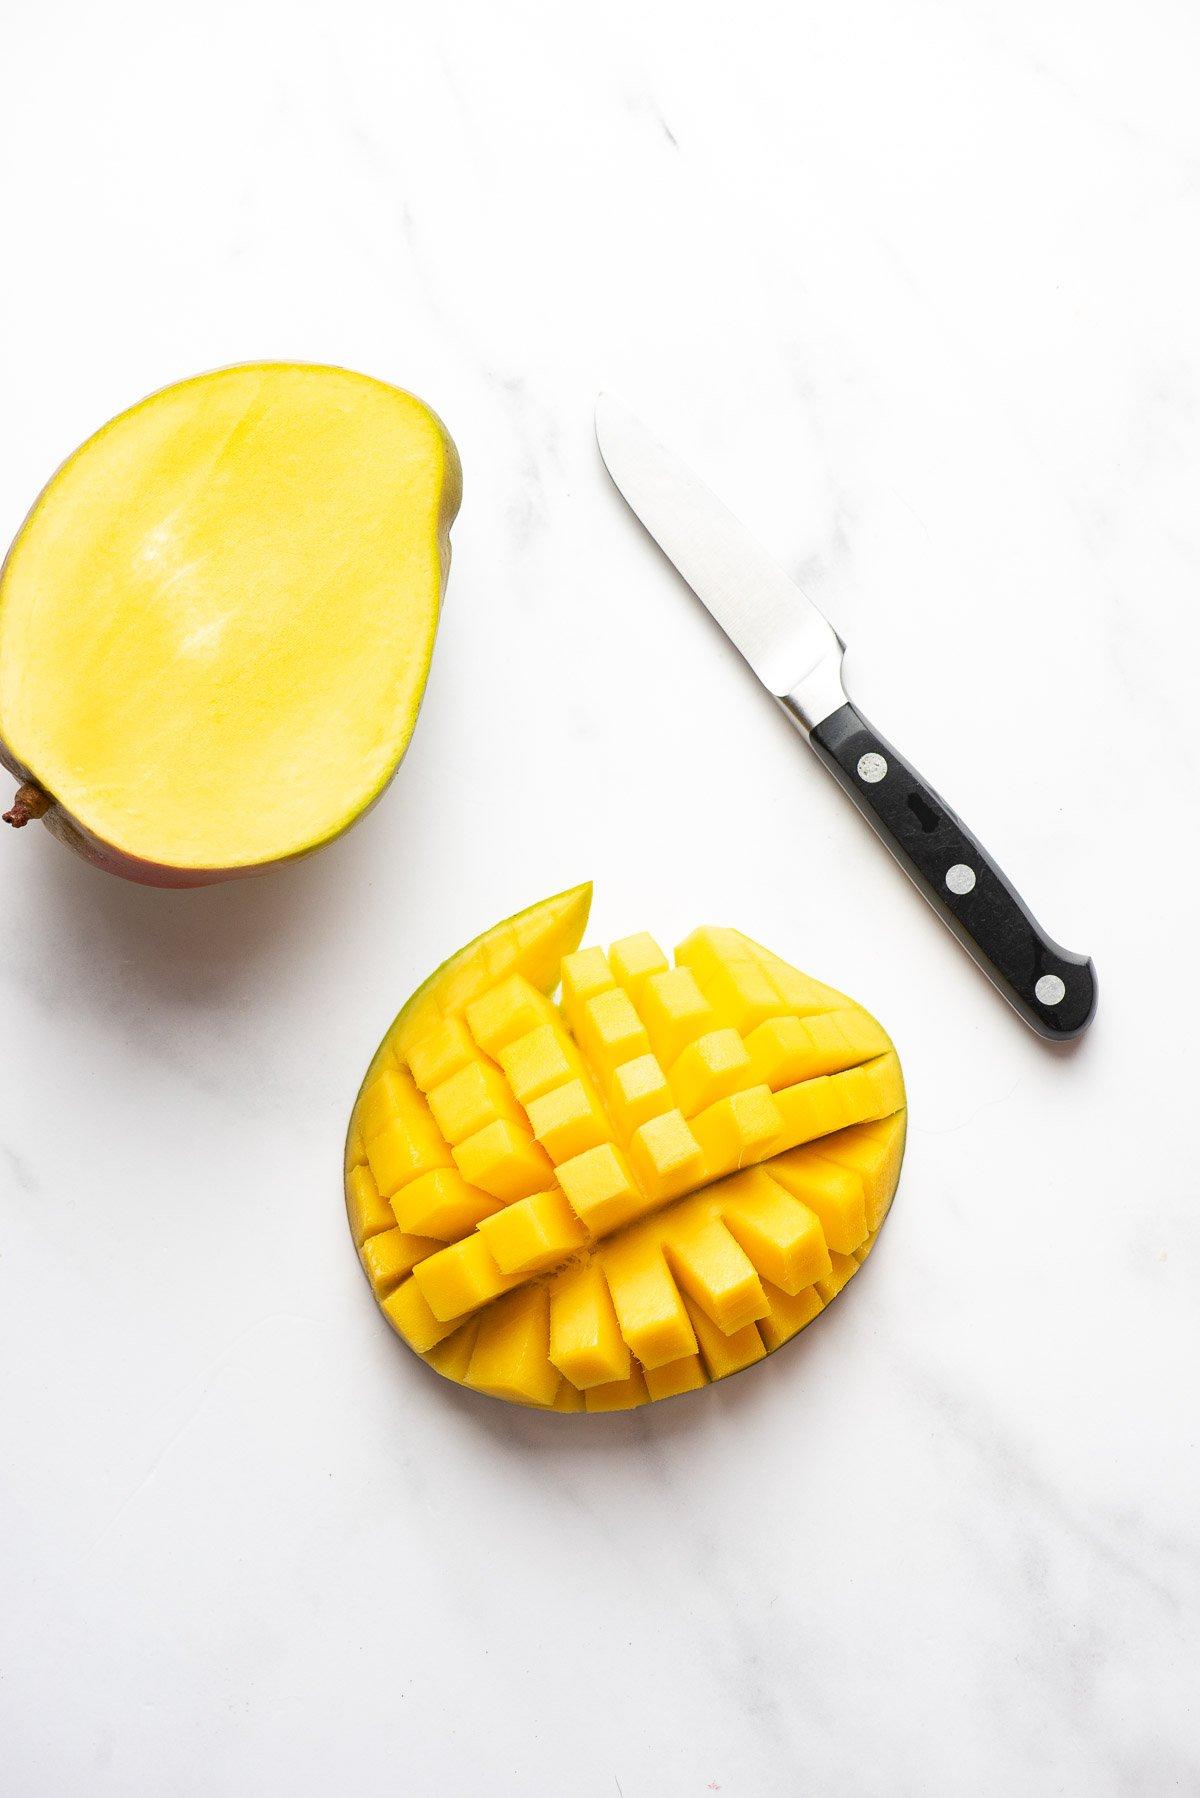 cut mango pieces on skin